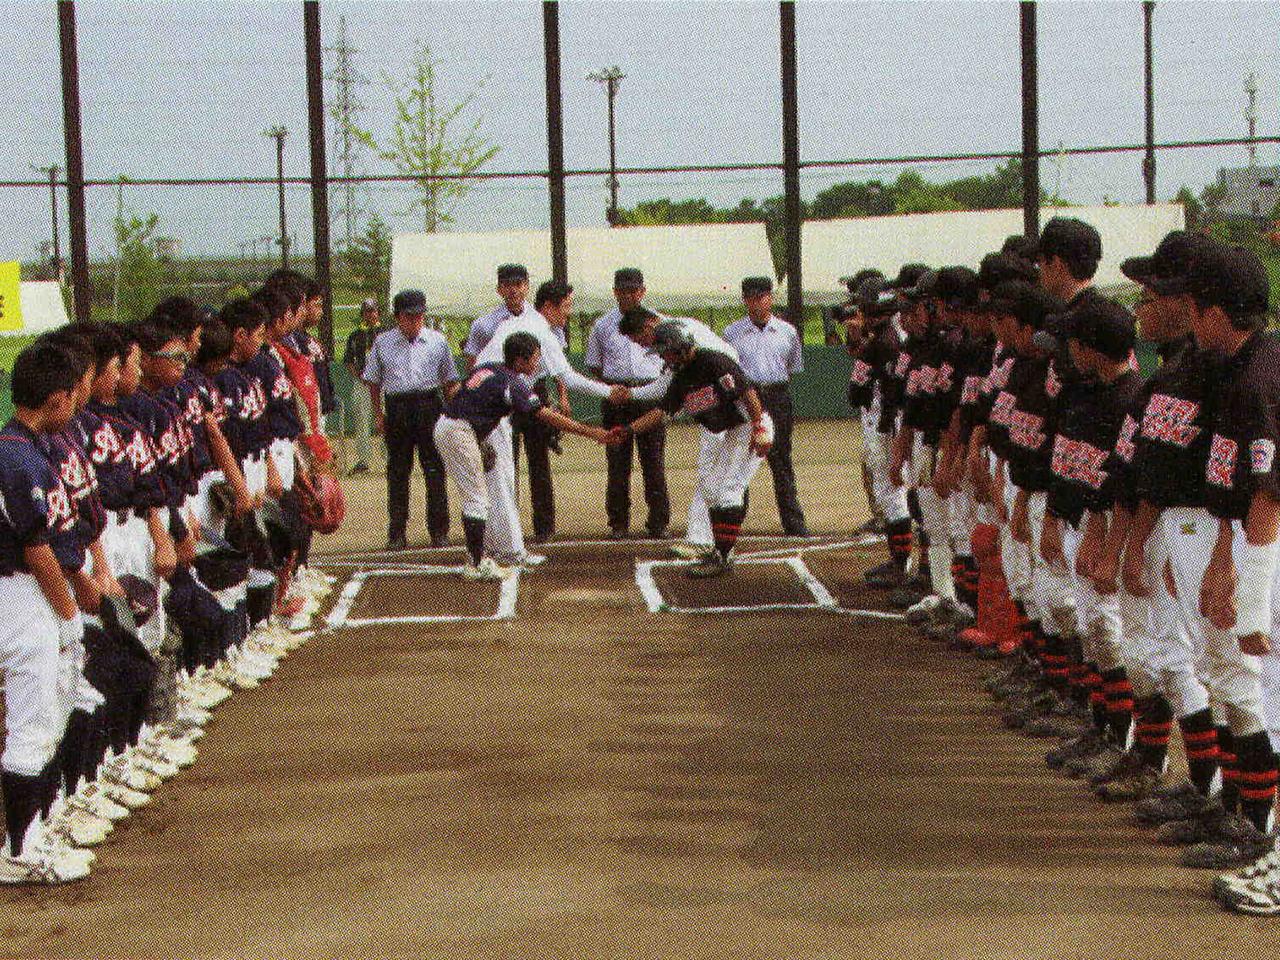 リトルリーグ 少年への野球指導